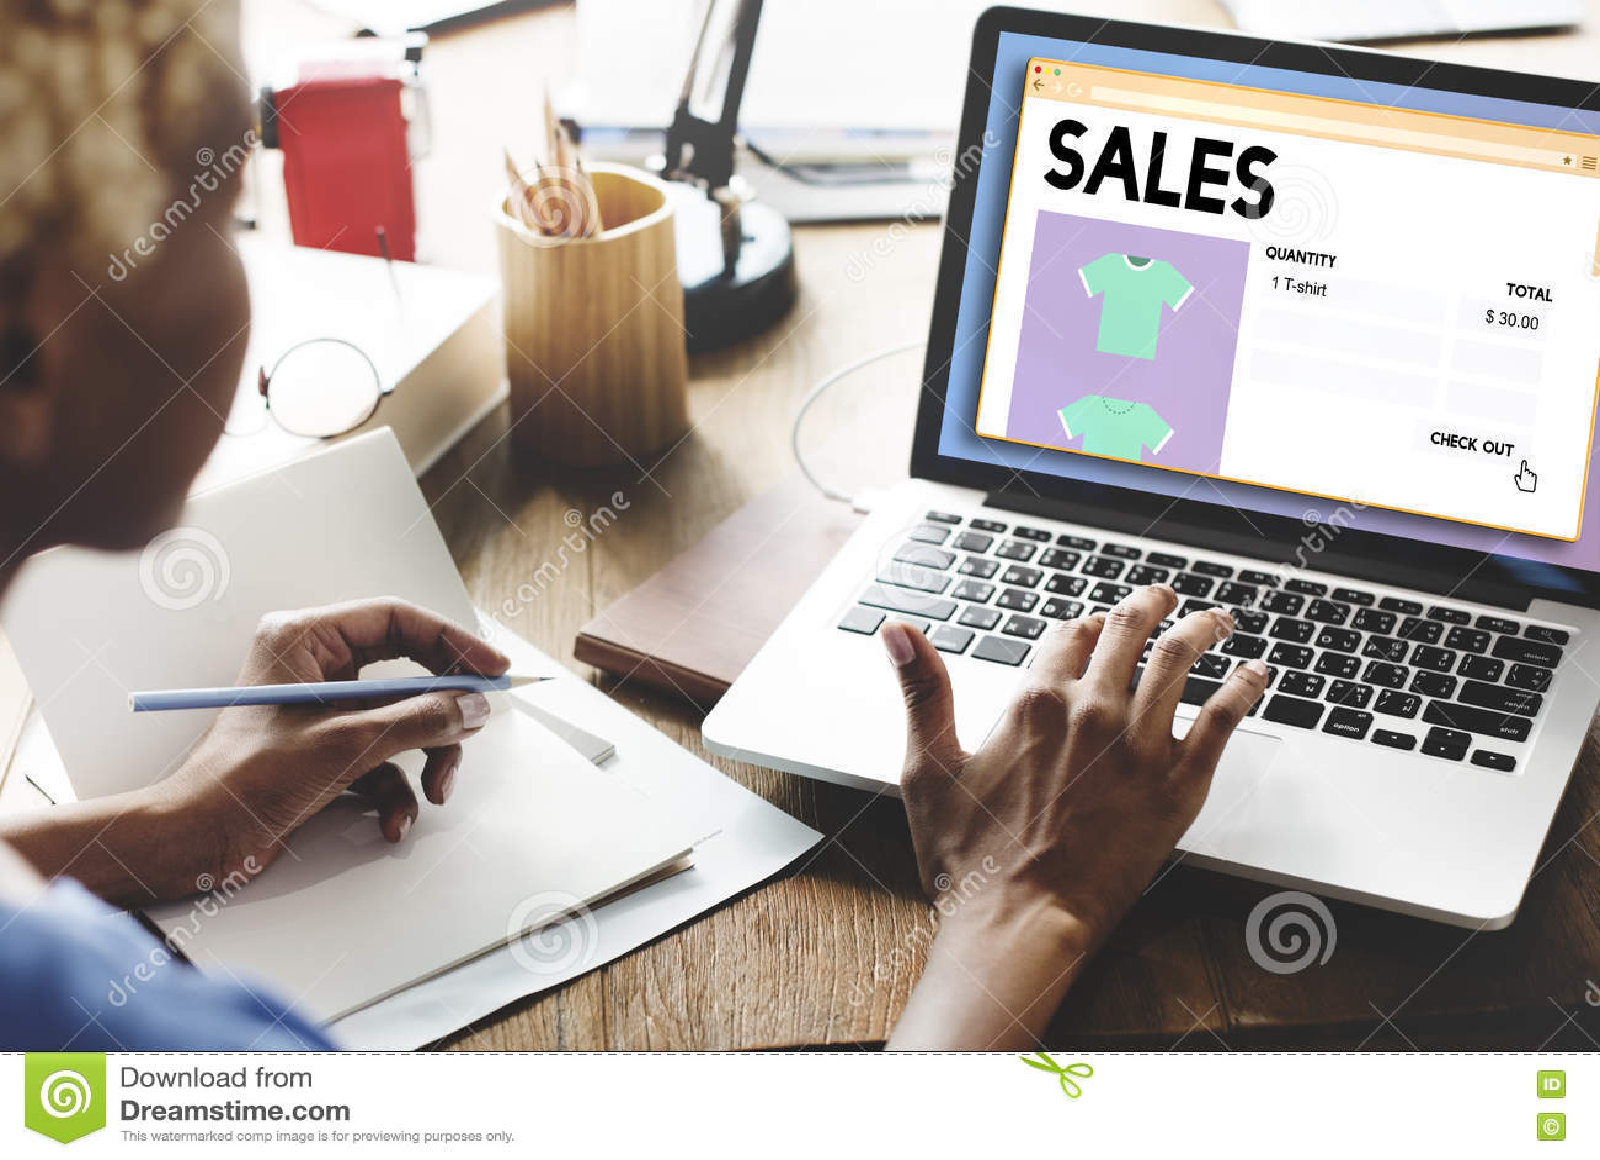 Concetto di vendita di vendita al dettaglio del margine di guadagno di reddito di commercio di vendite